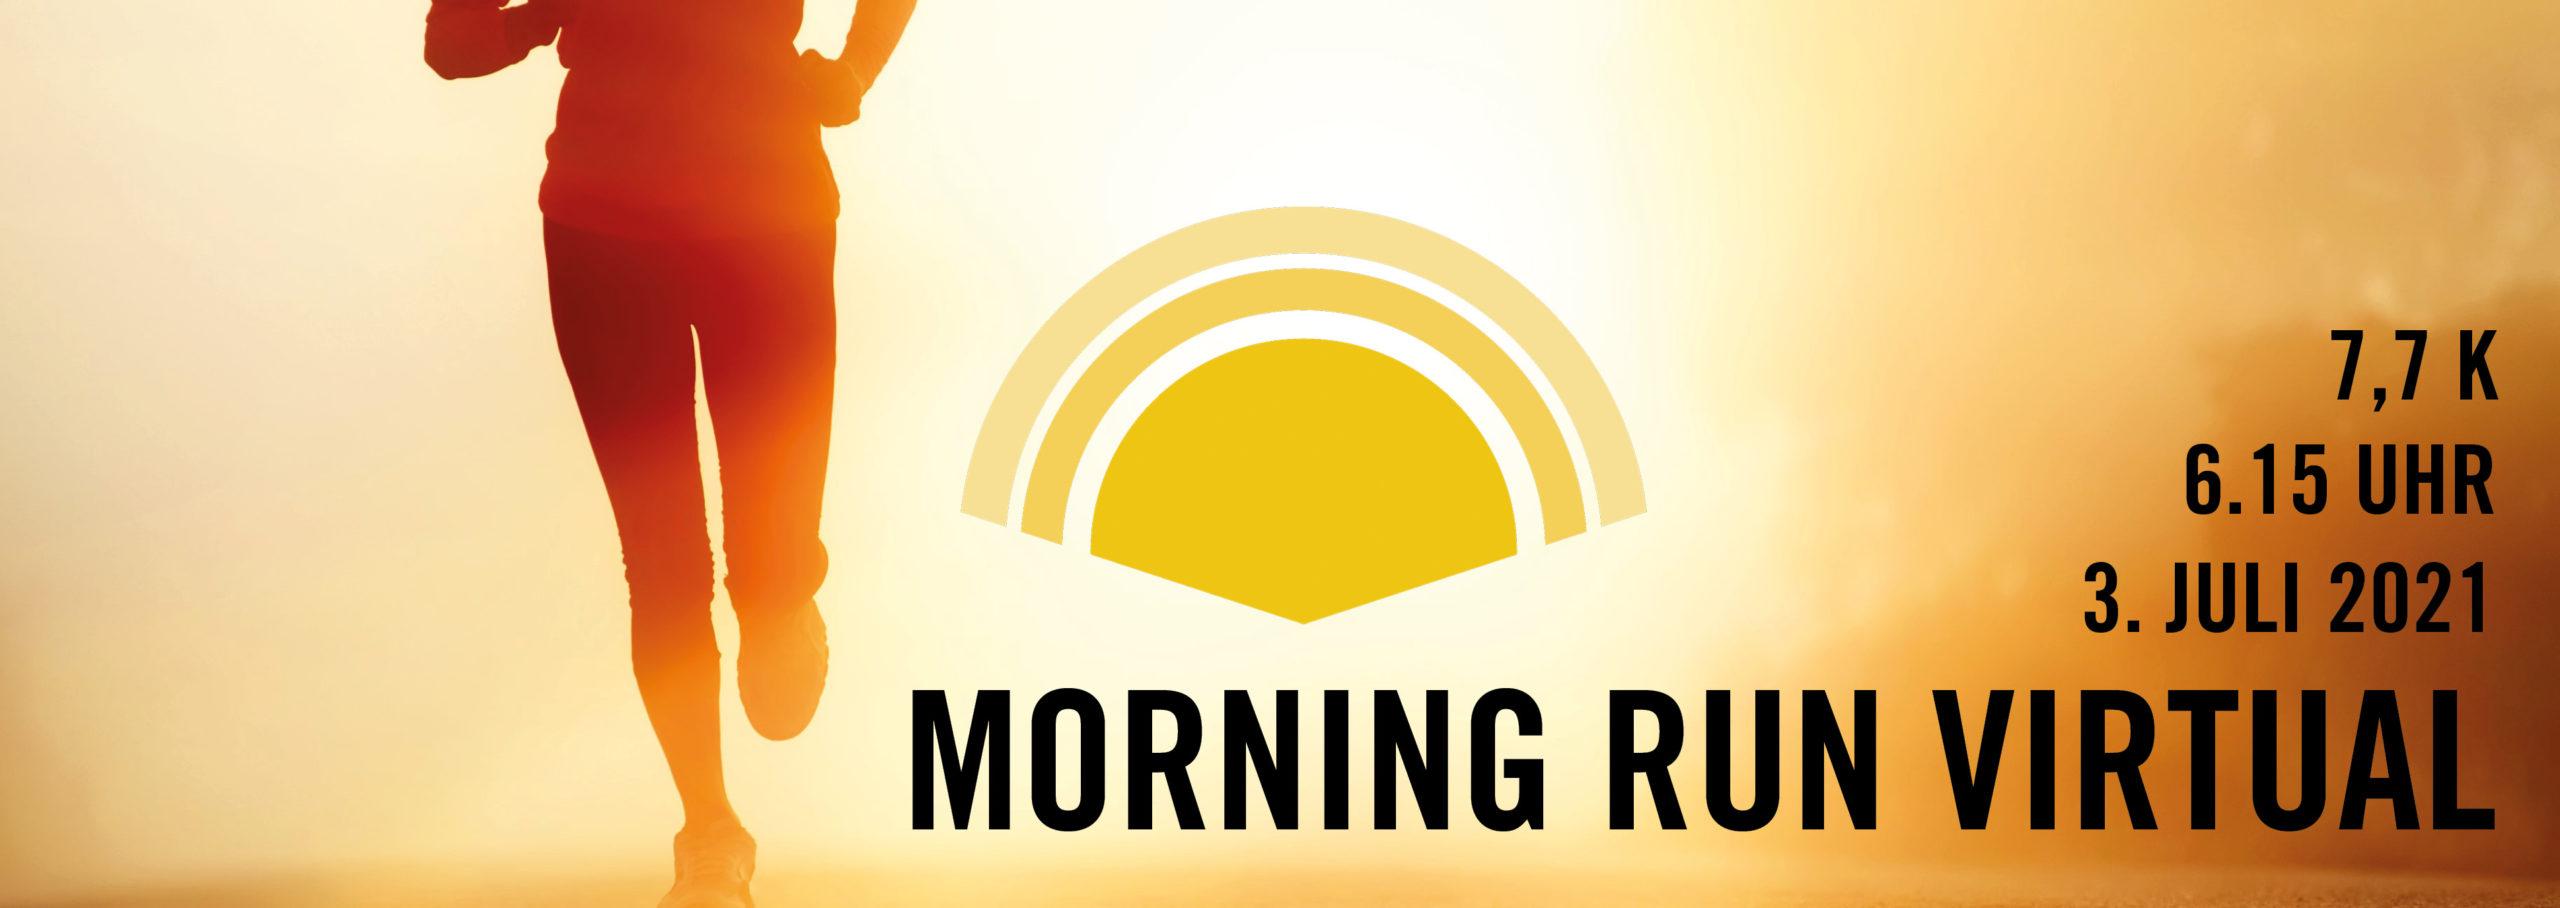 MORNING RUN VIRTUAL 2021 - Virtual Race